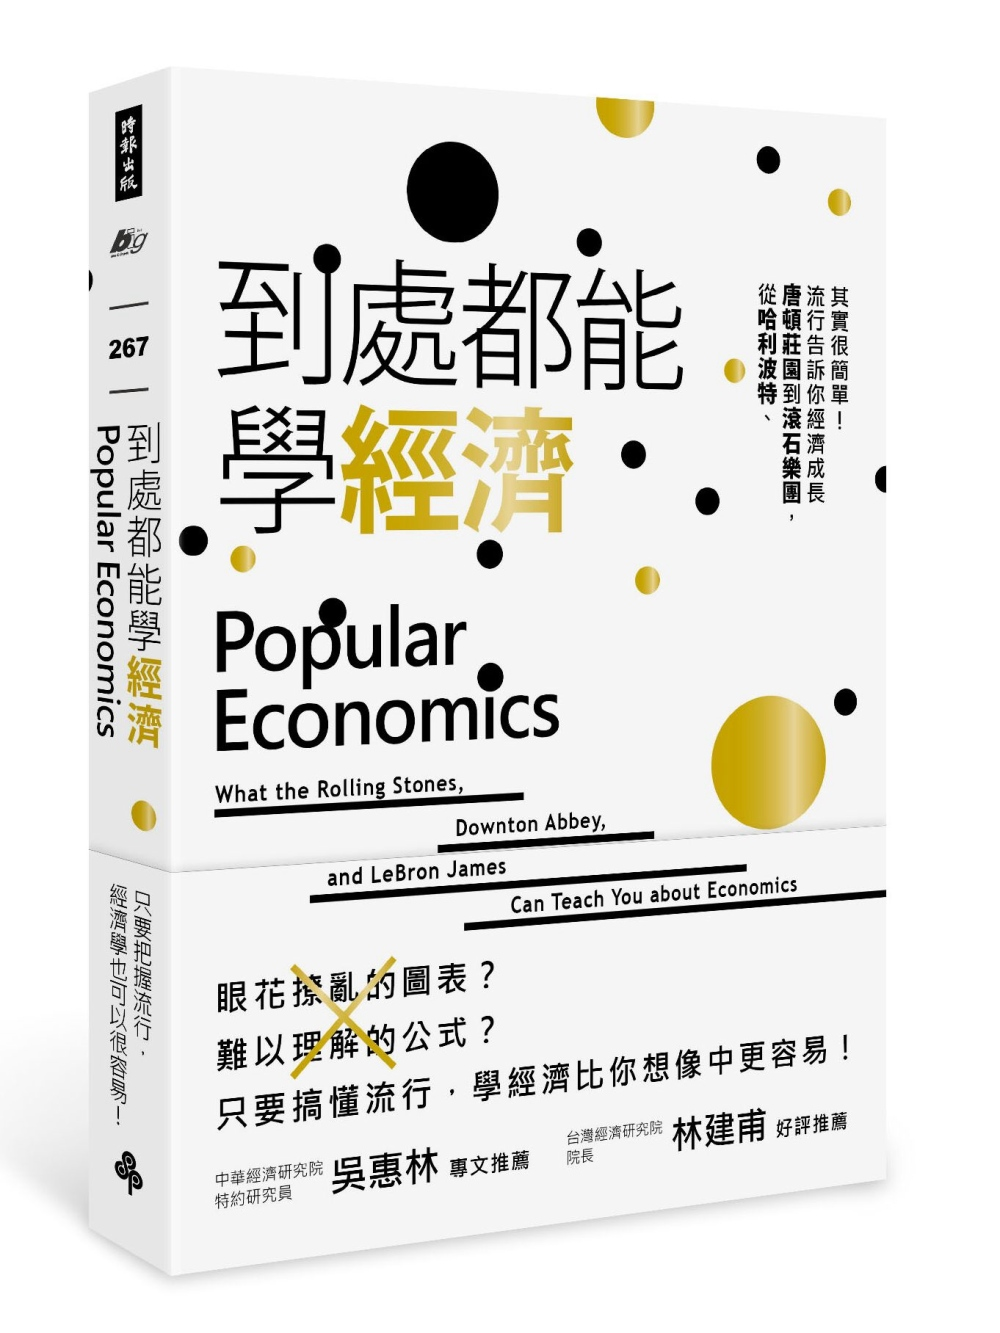 到處都能學經濟:從哈利波特、唐頓莊園到滾石樂團,流行告訴你經濟成長其實很簡單!